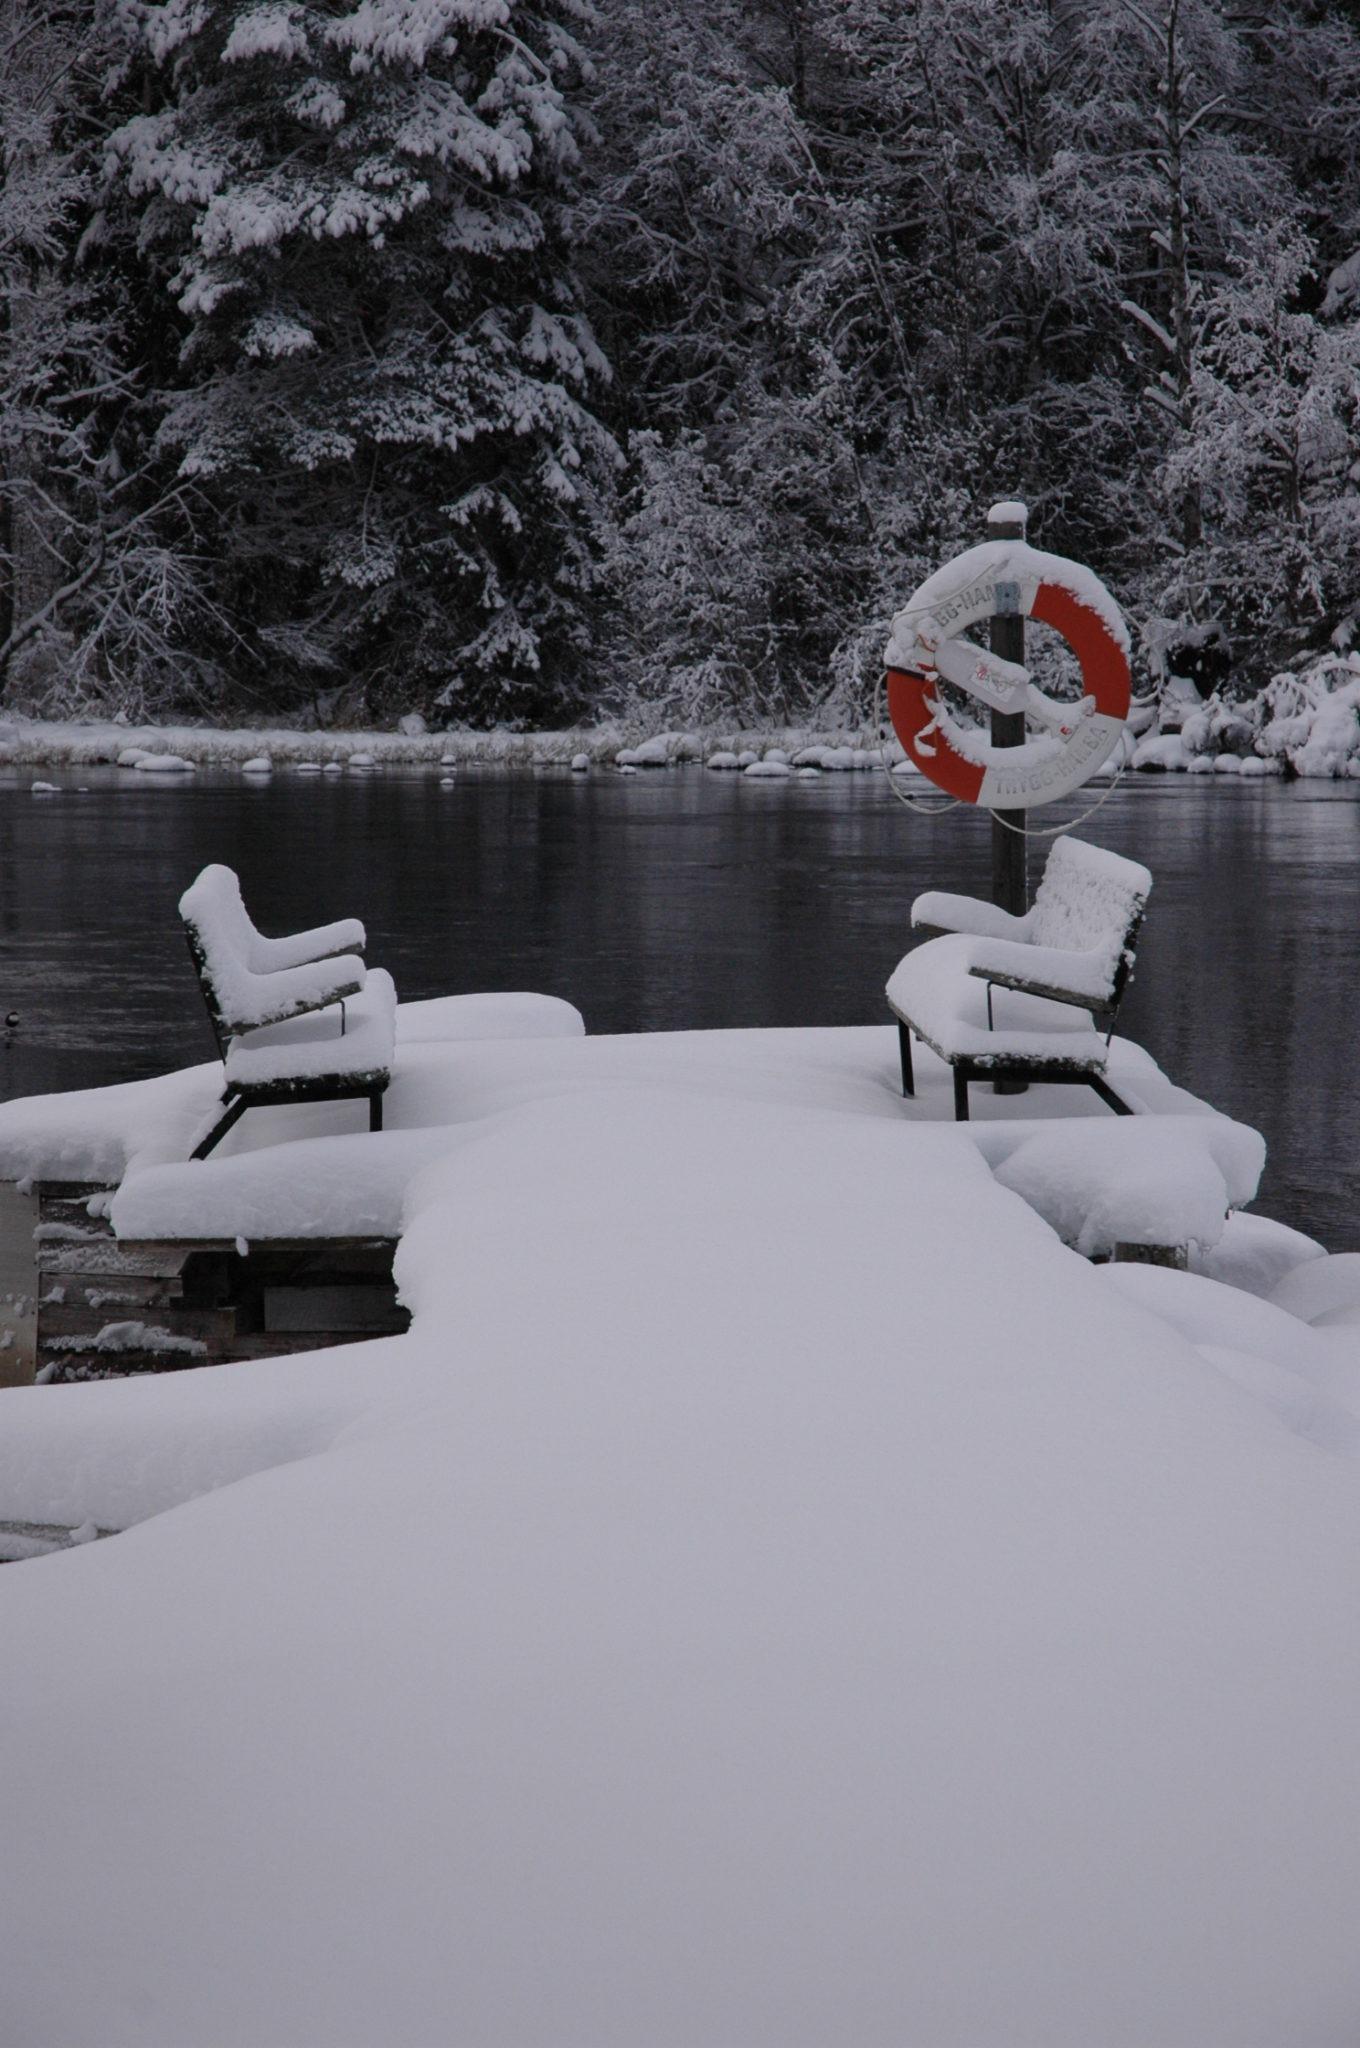 Bästa-flugfiskevatten-vinter-Gimån-Jämtland-Sverige-4.jpg